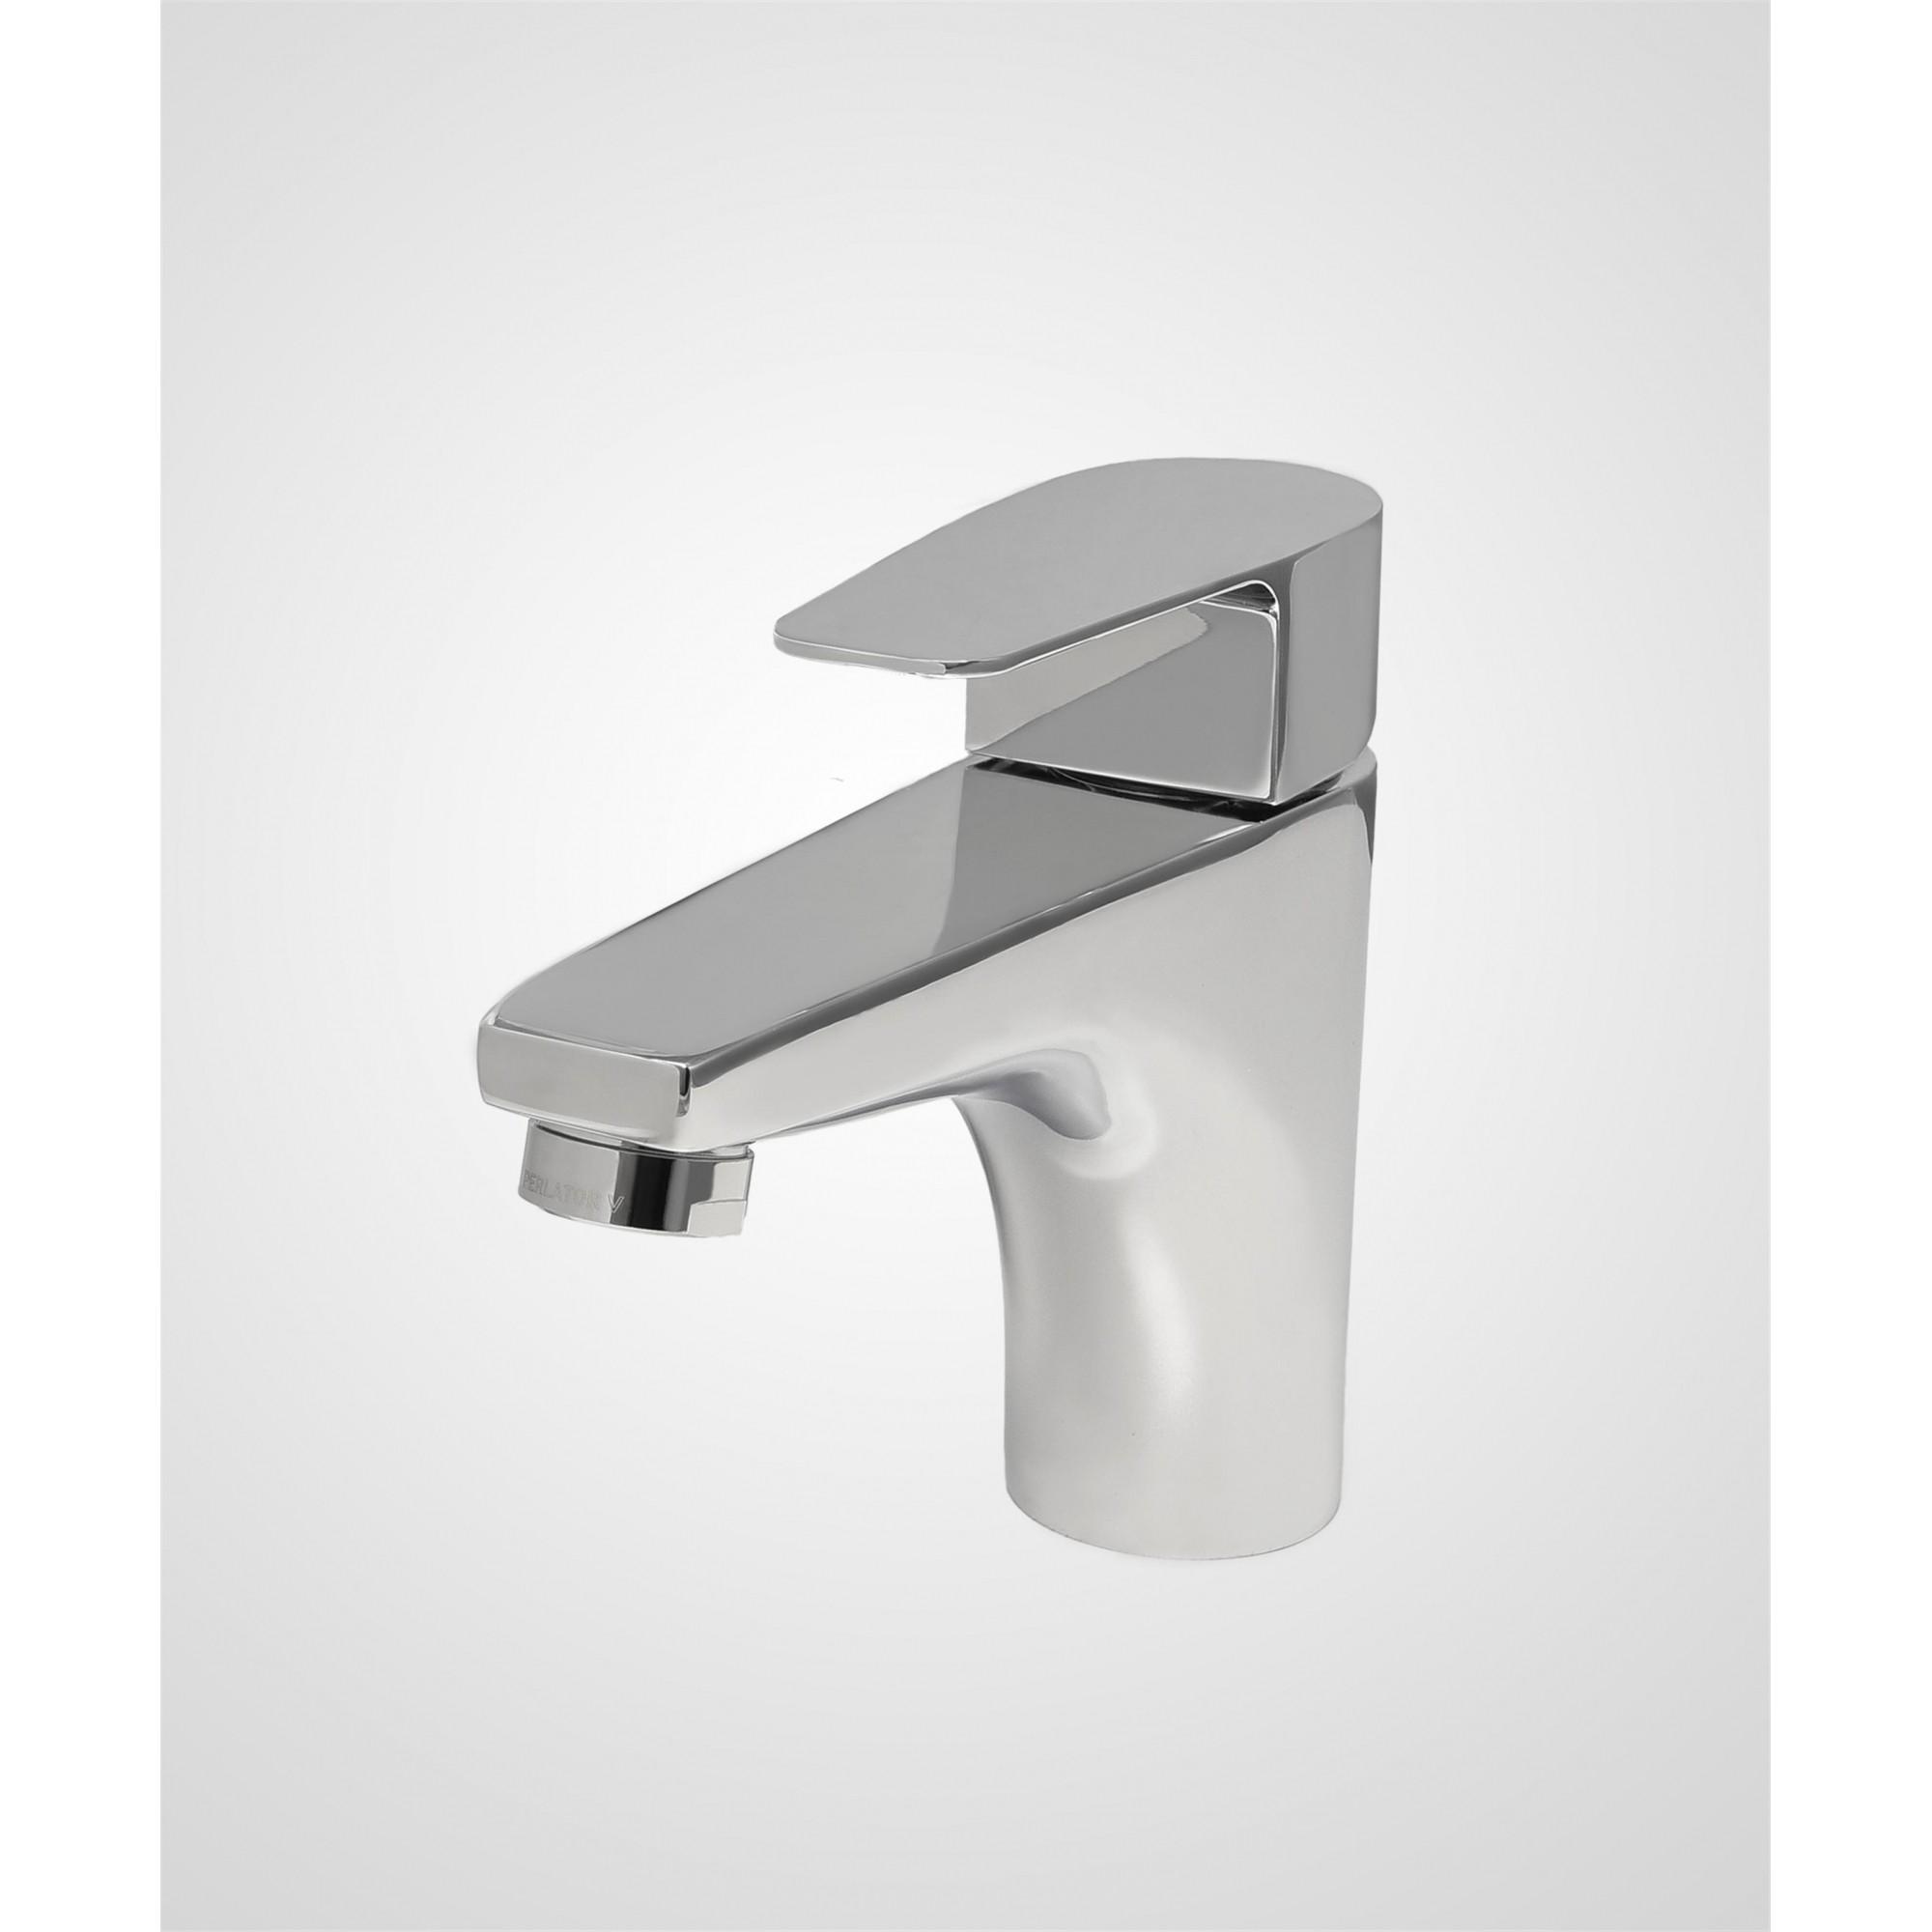 Misturador Monocomando Para Lavatório de Mesa Led 2875 Perflex 10752810